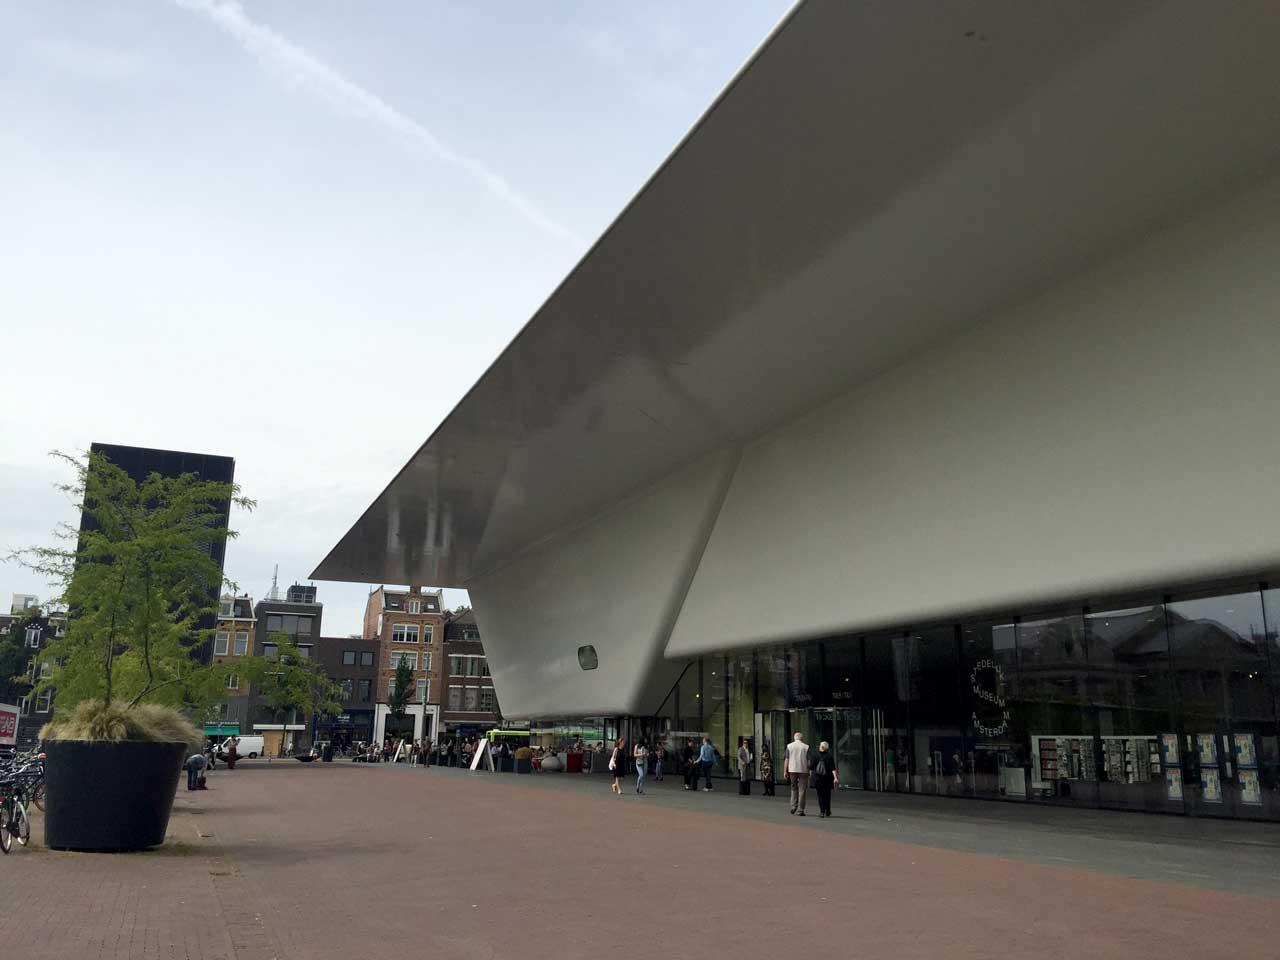 amsterdam-15-sm